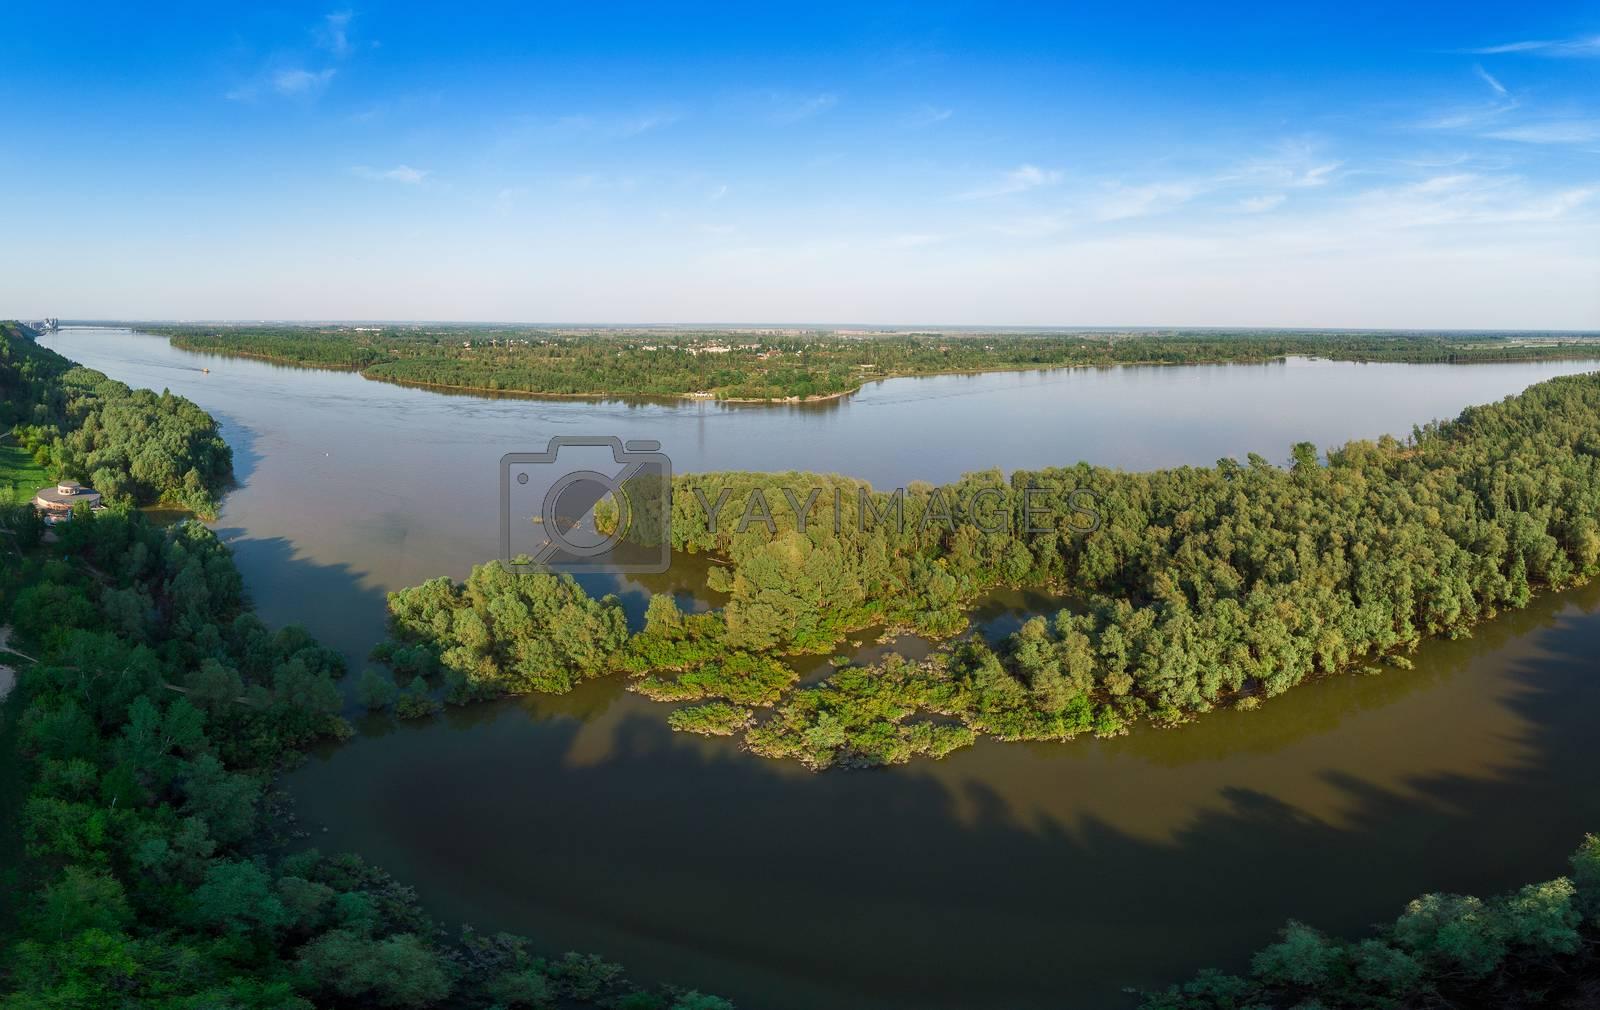 Aerial view of big siberian Ob river by rusak